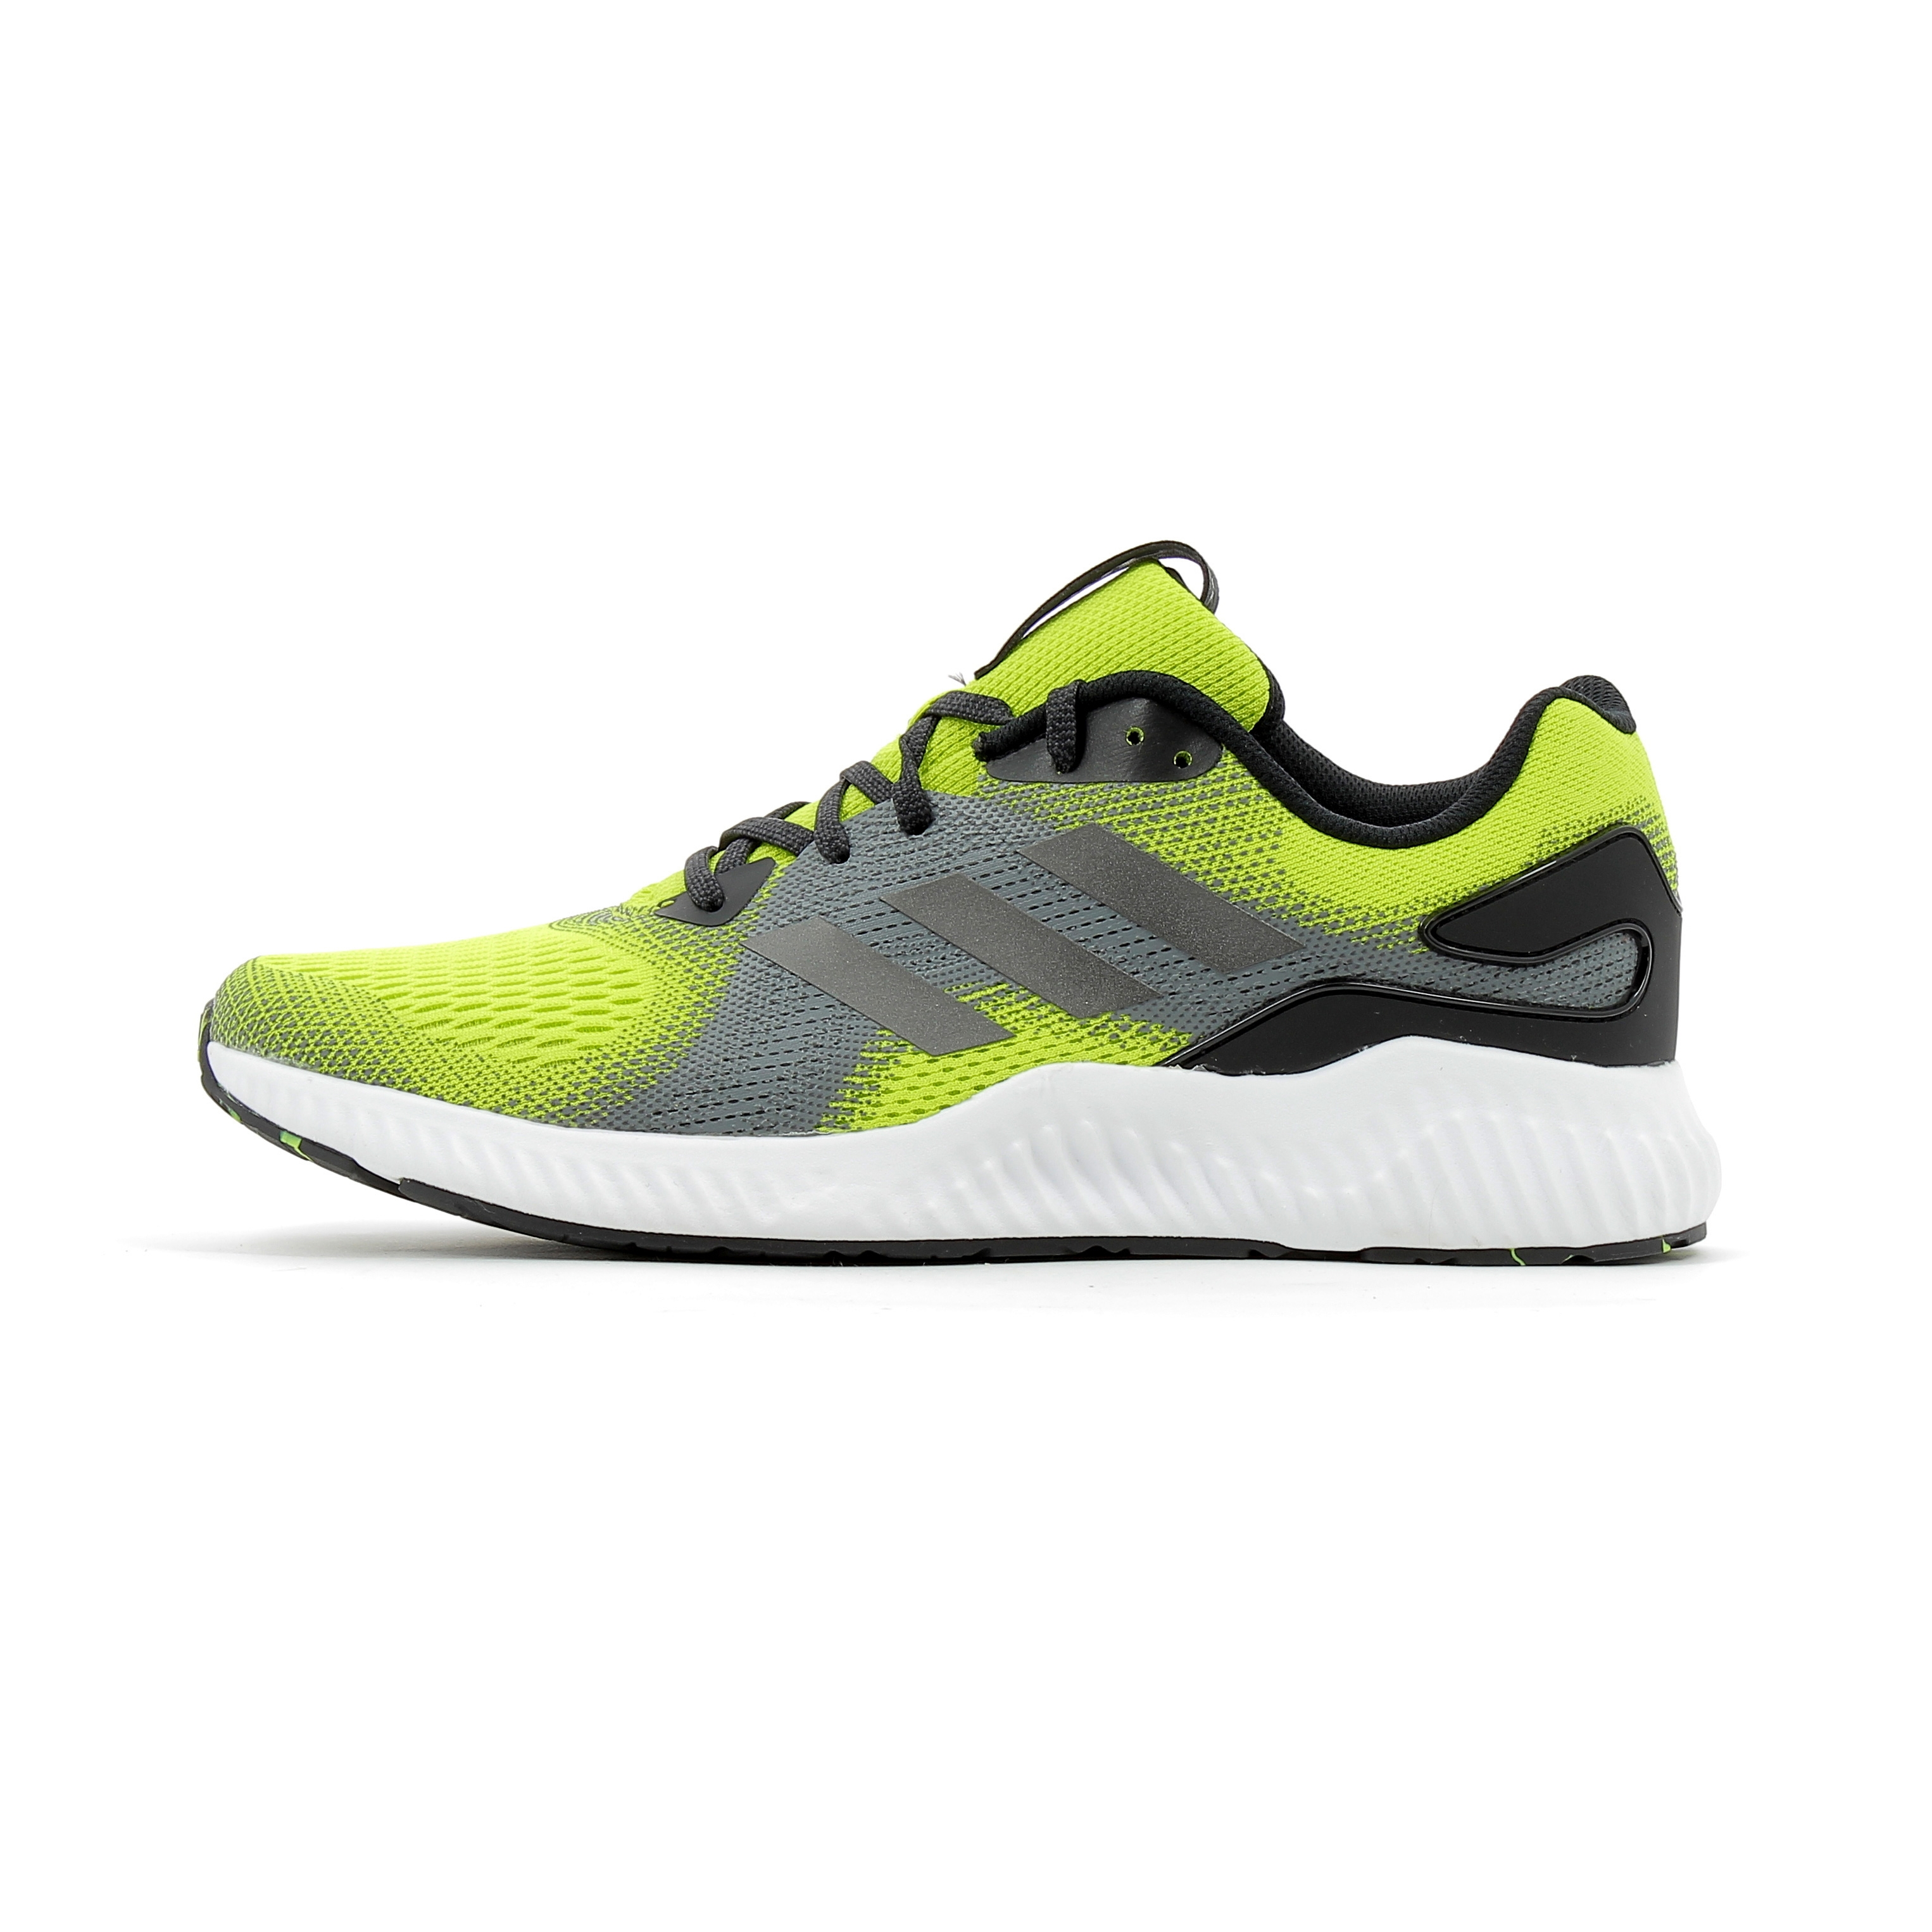 huge discount 8f23a 3c62f Chaussures de Running adidas running AeroBounce St Jaune